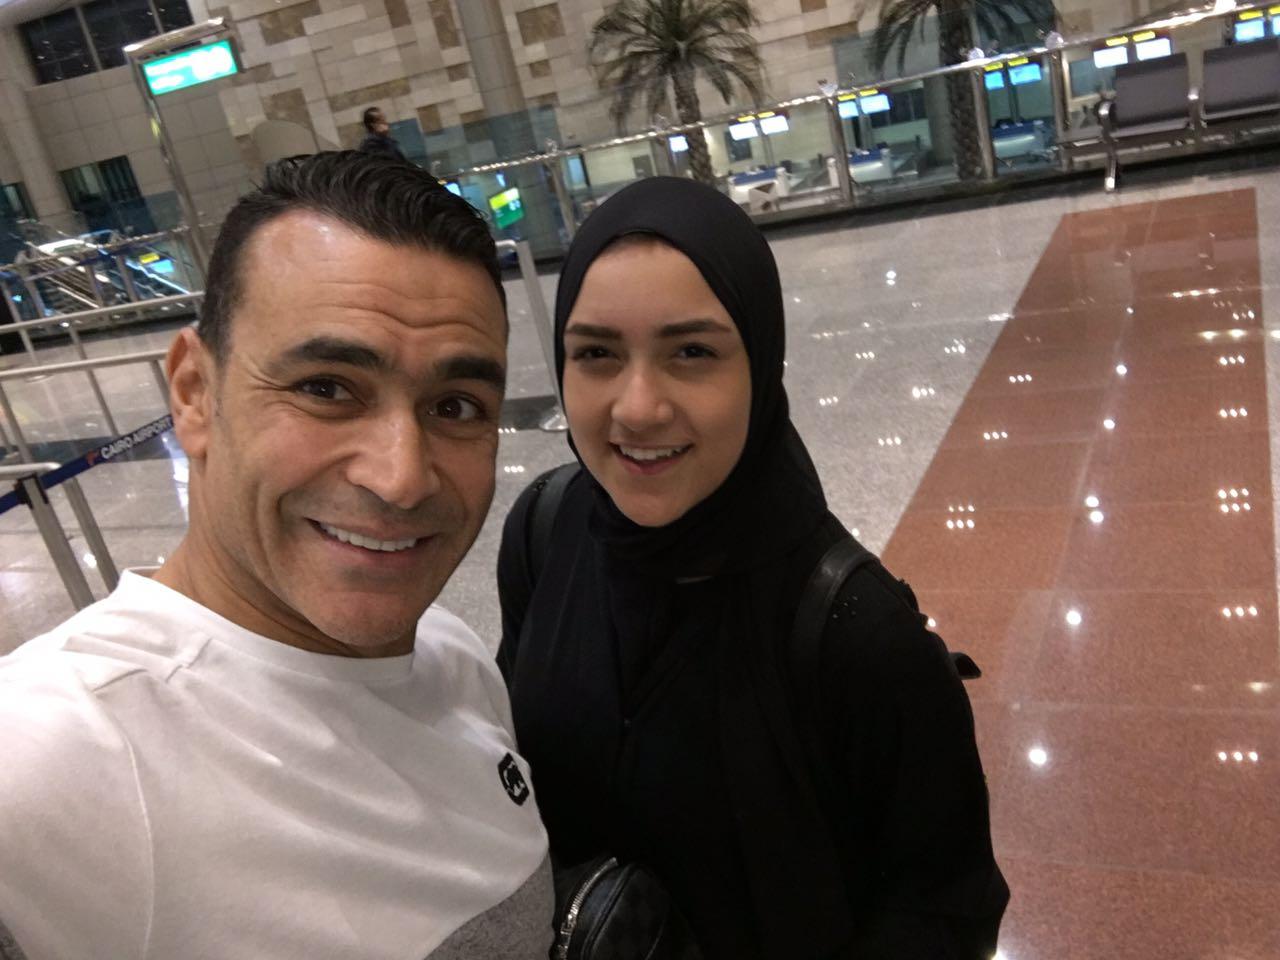 الحضرى مع اسرته فى المطار  (4)